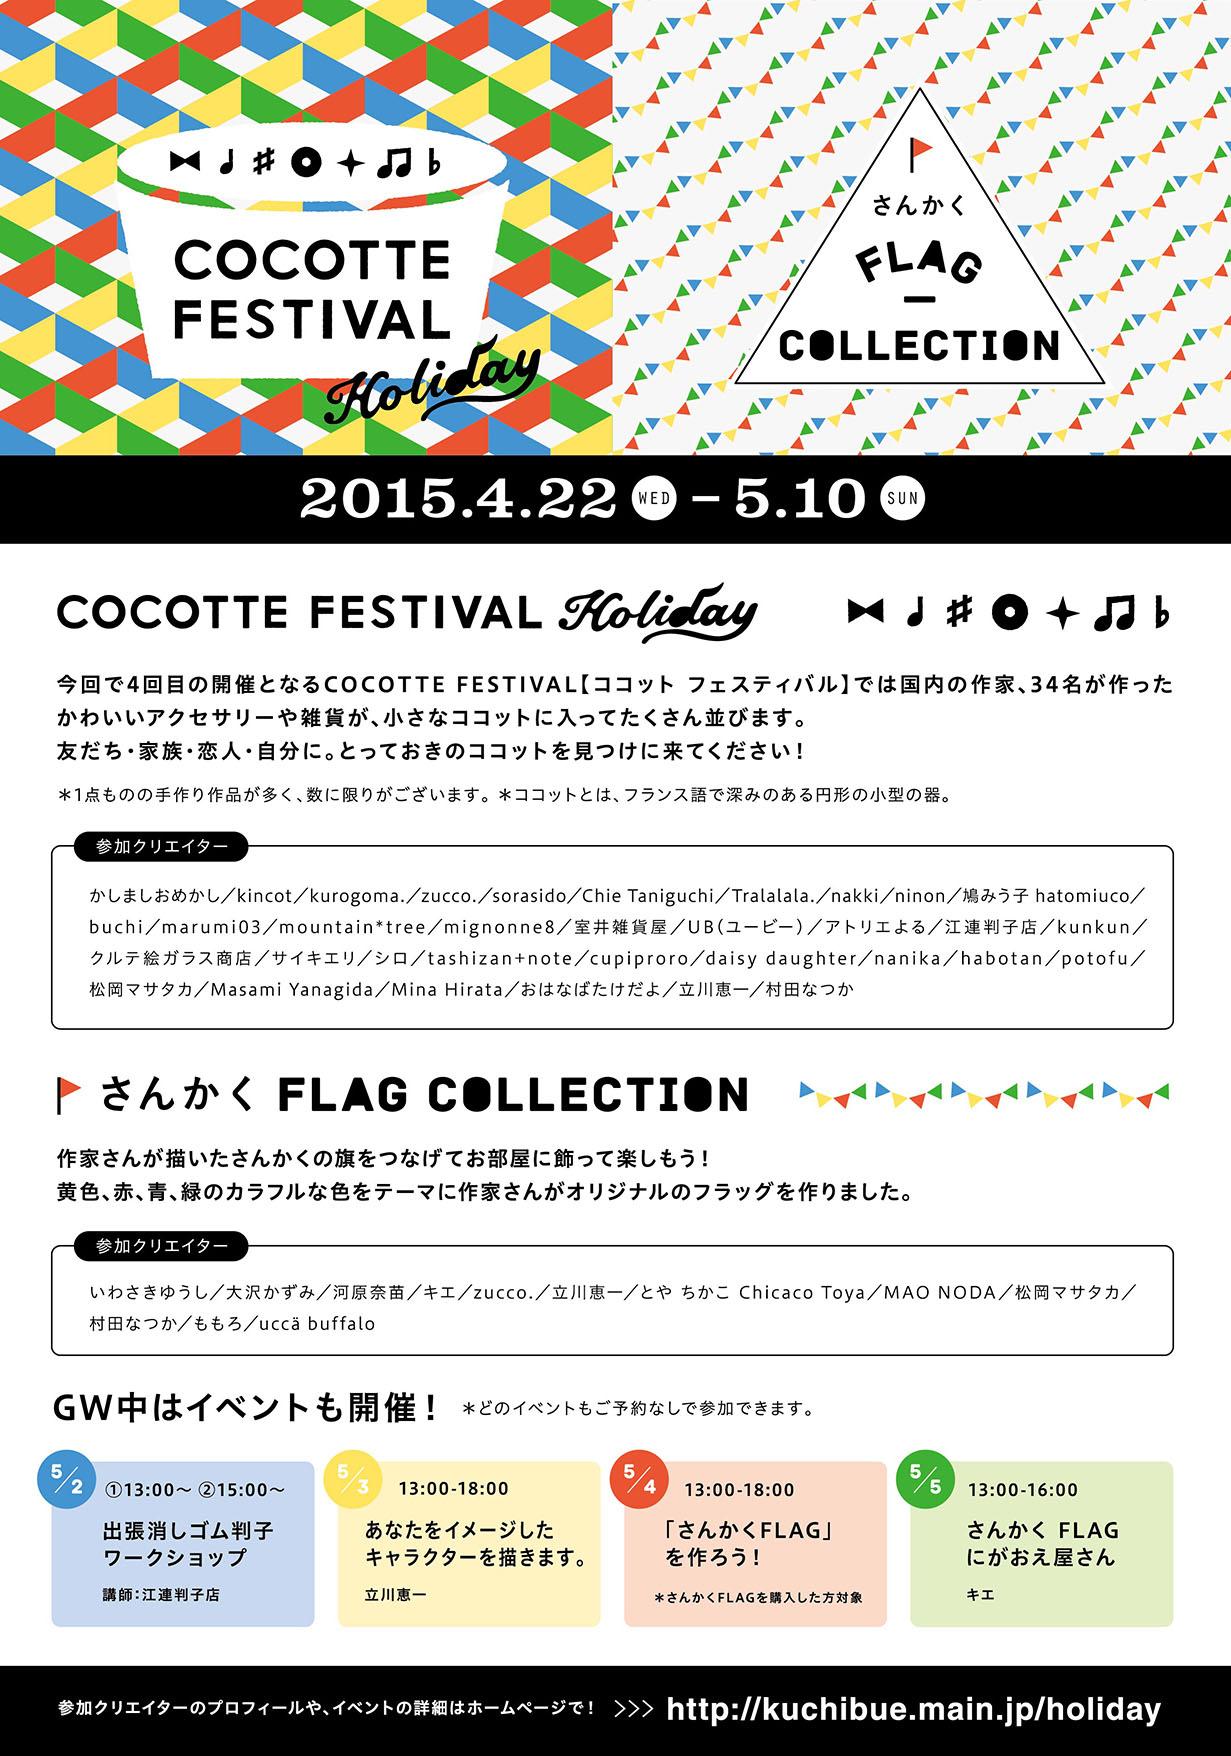 渋谷POPBOX、ココットマーケット開催のお知らせです。_f0010033_16313727.jpg